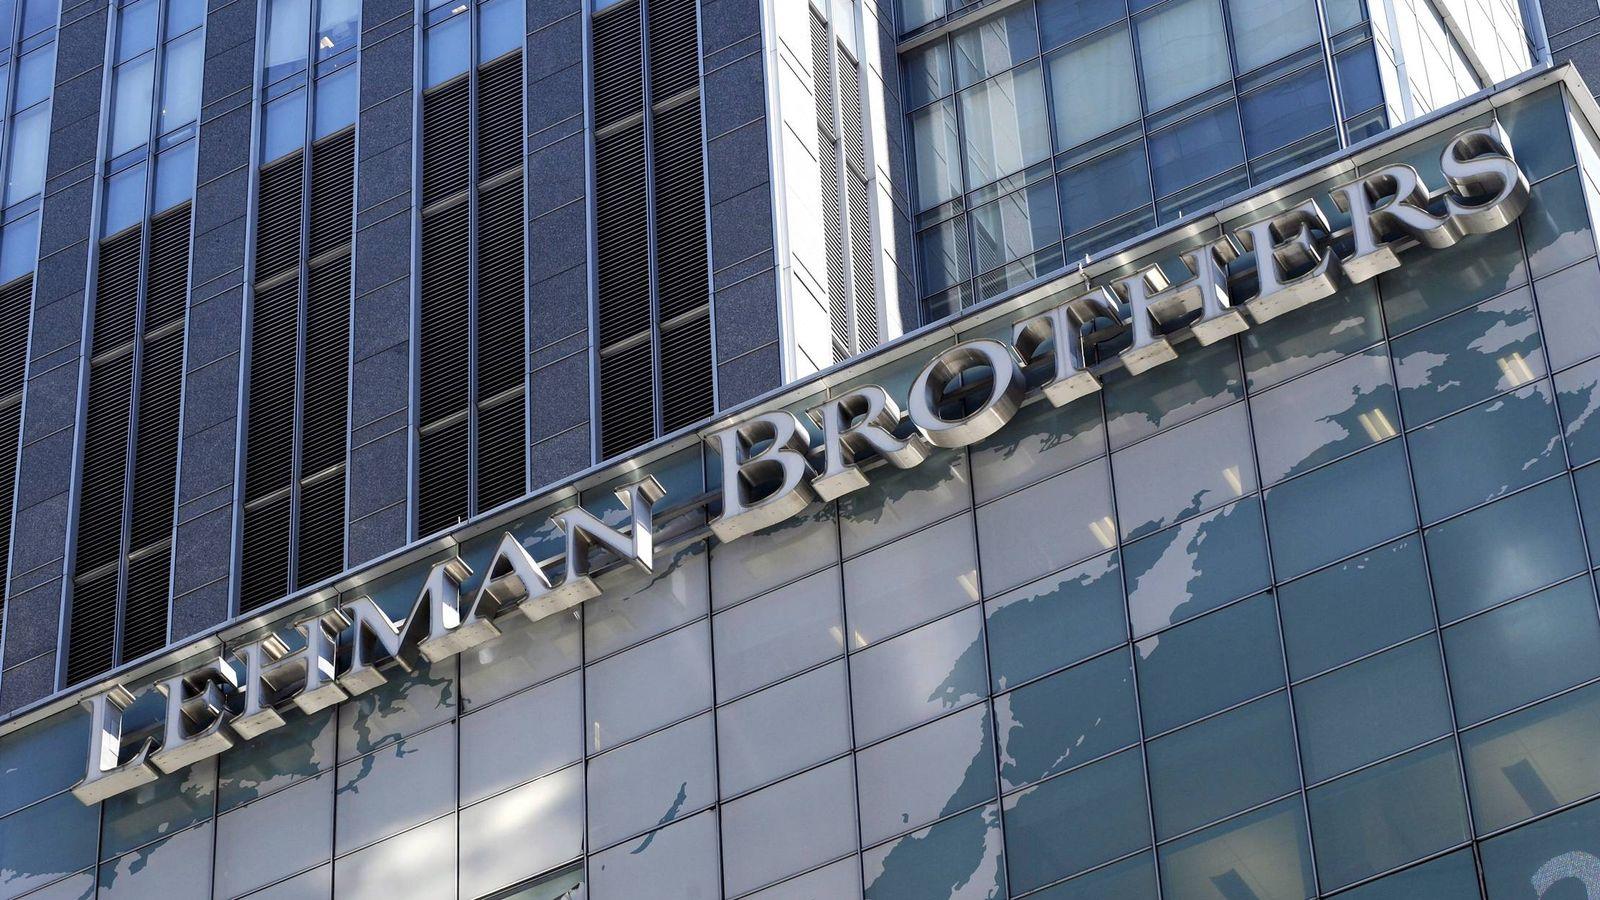 Foto: Generalmente suele datarse el inicio de la actual crisis económica y financiera el día de la quiebra del banco Lehman Brothers, el 15 de septiembre de 2008. (EFE)